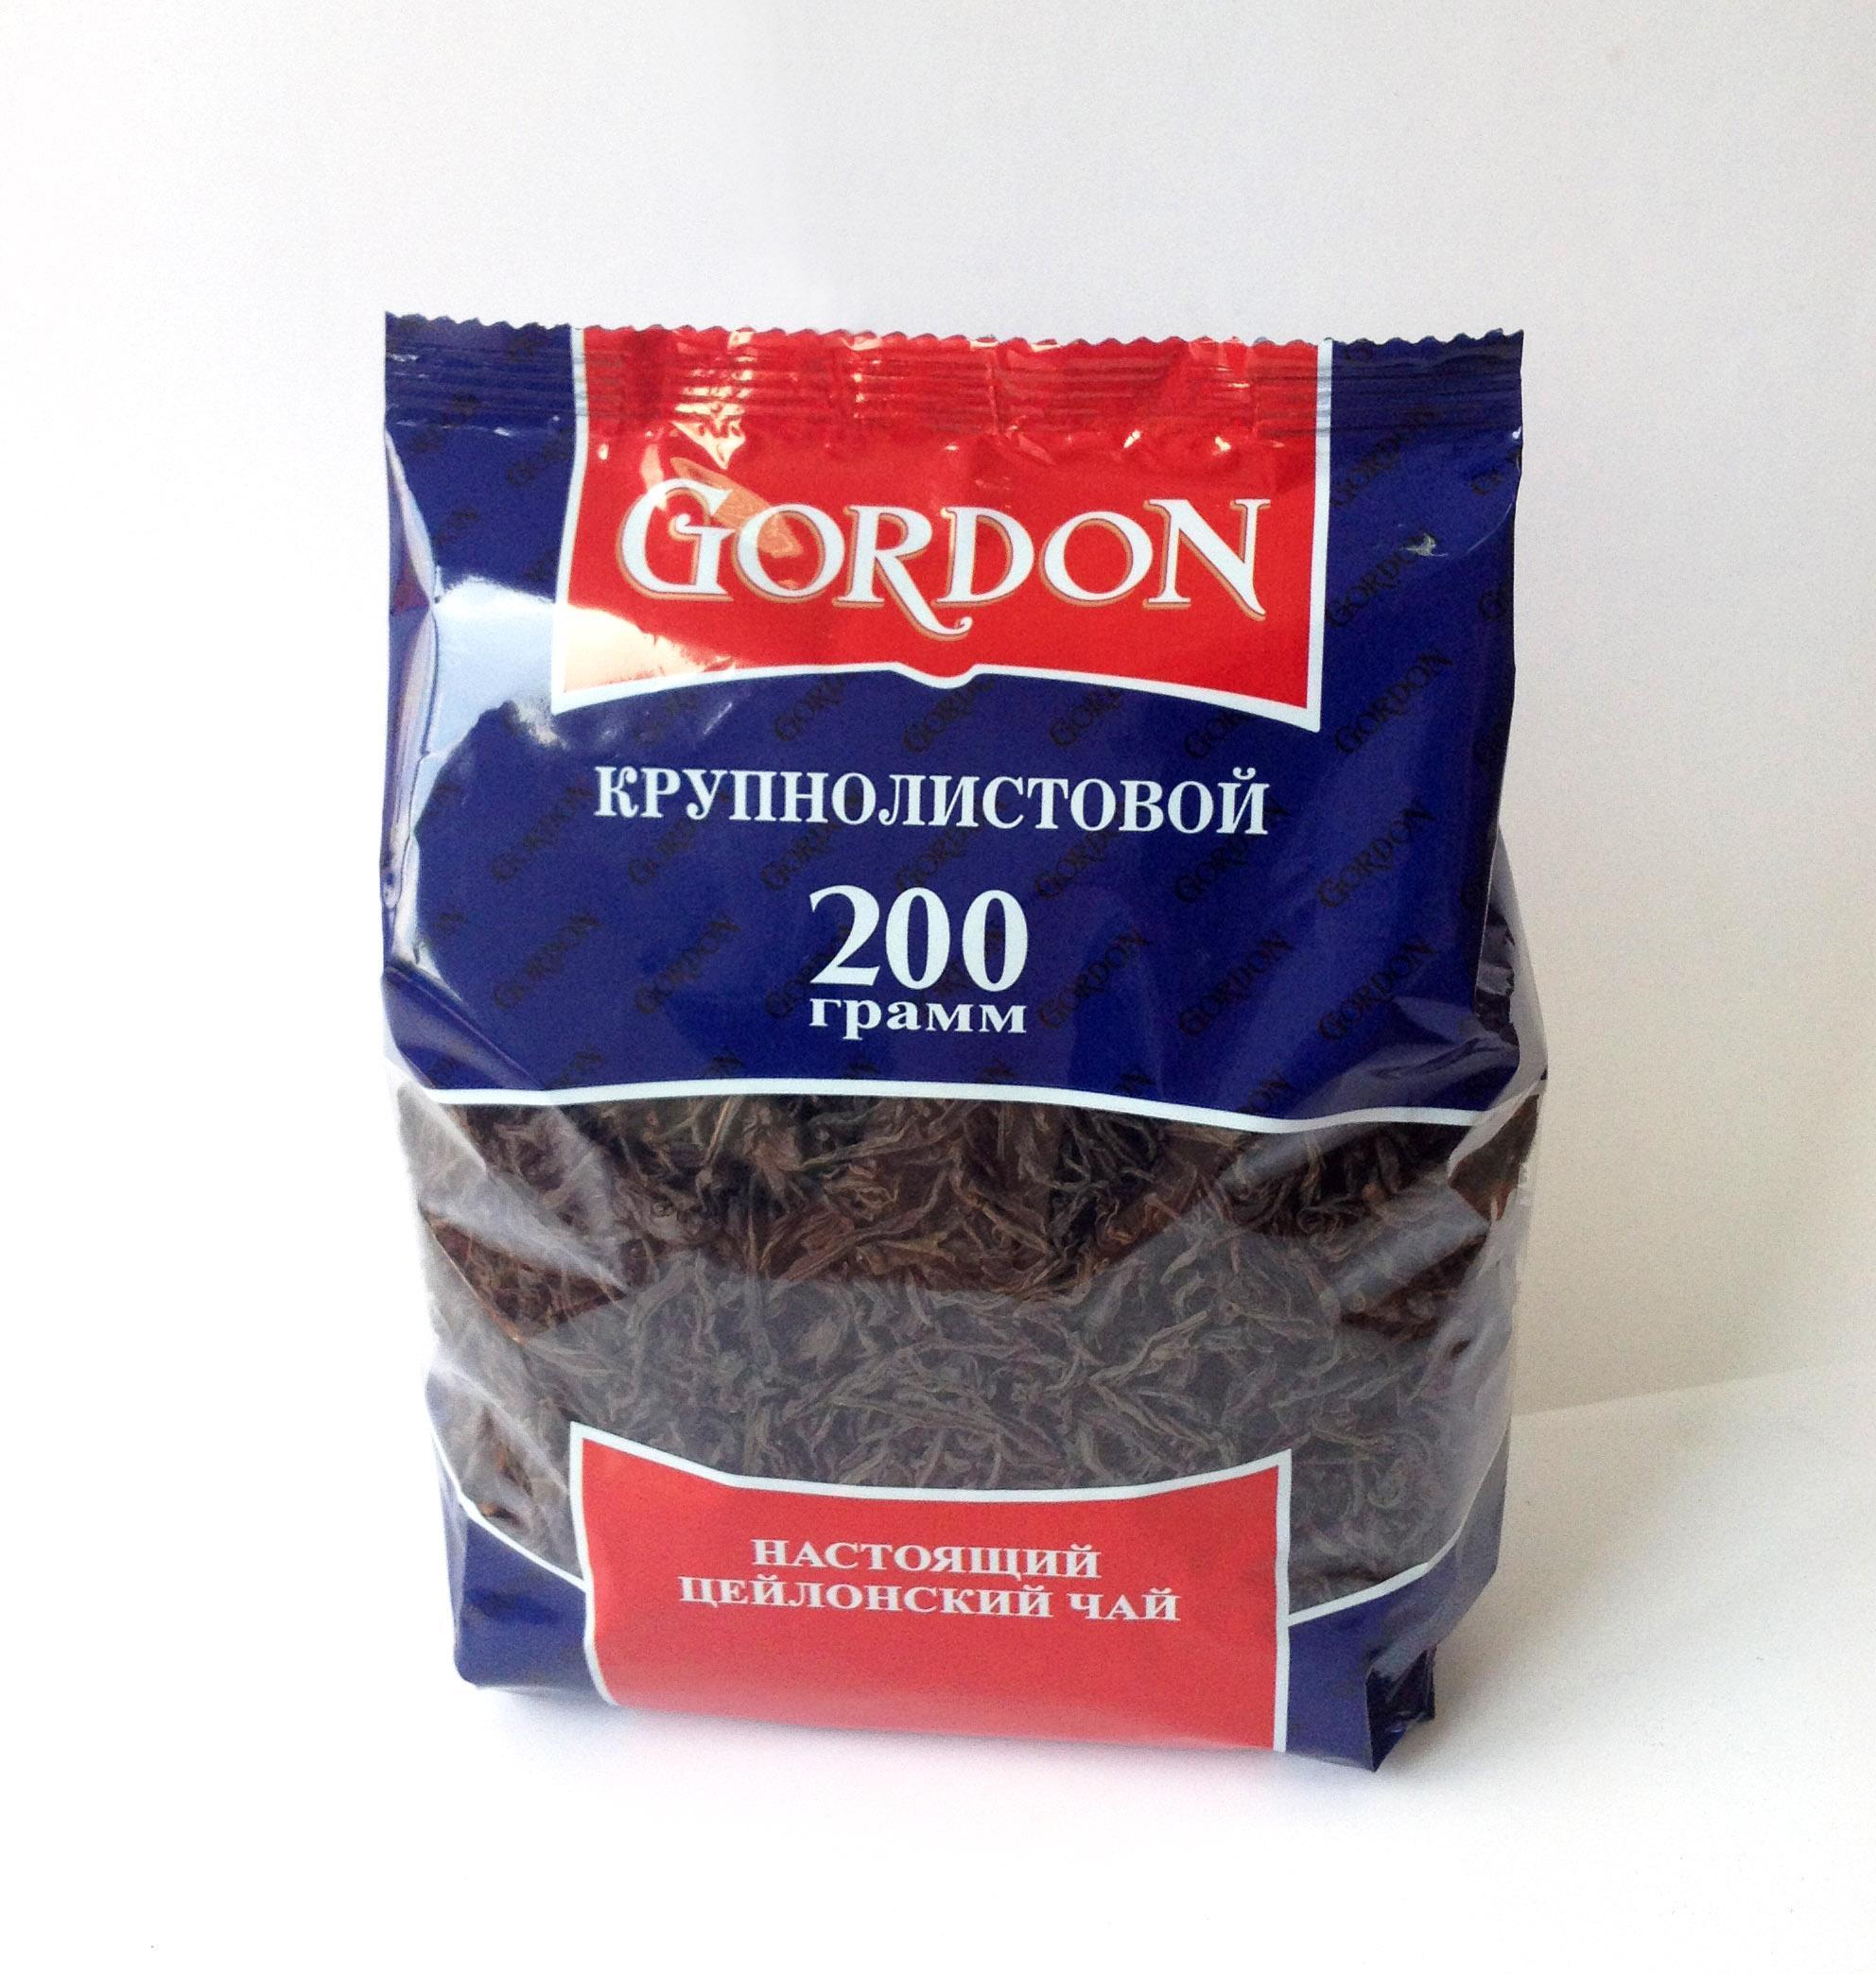 Чай черный Gordon крупнолистовой